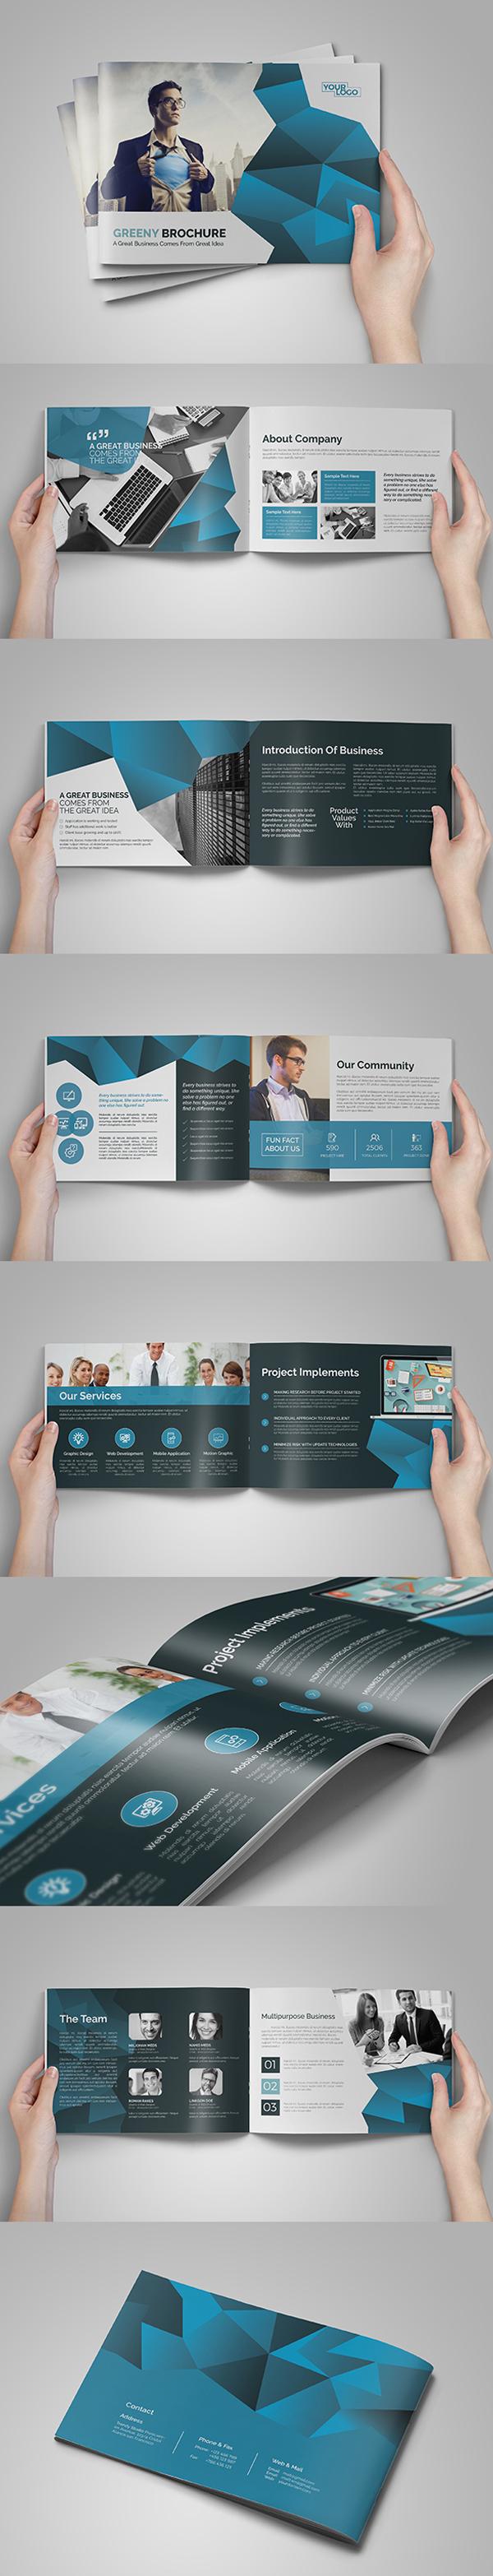 上海画册设计公司创意画册-A5抽象业务宣传册/目录设计模版